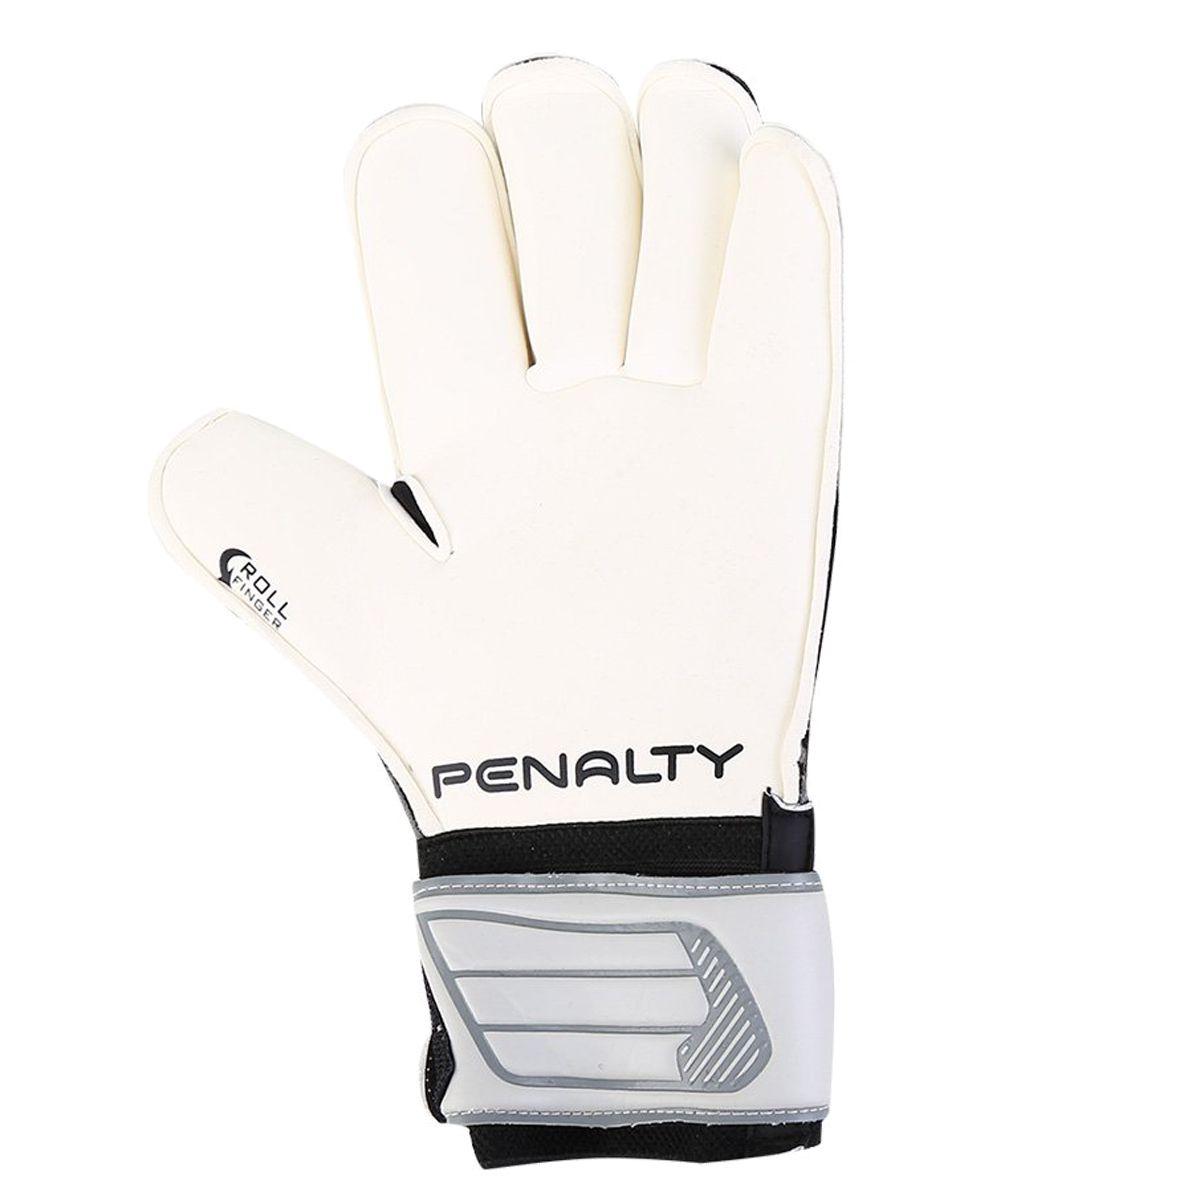 Luva Penalty Delta Rollfinger - 620261